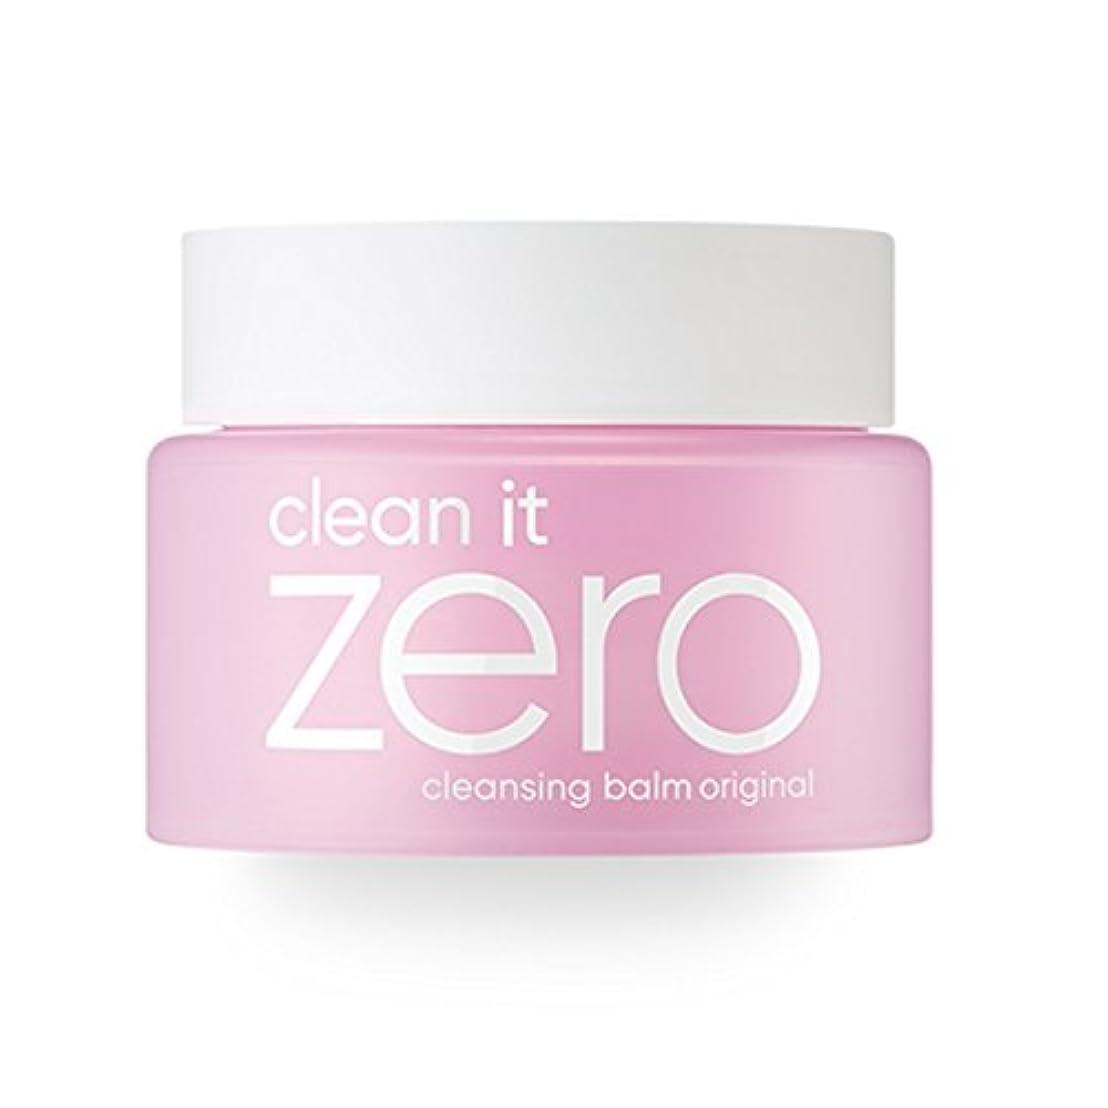 パンダひらめきポスターBanila.co クリーン イット ゼロ クレンジングバーム オリジナル / Clean it Zero Cleansing Balm Original (100ml)